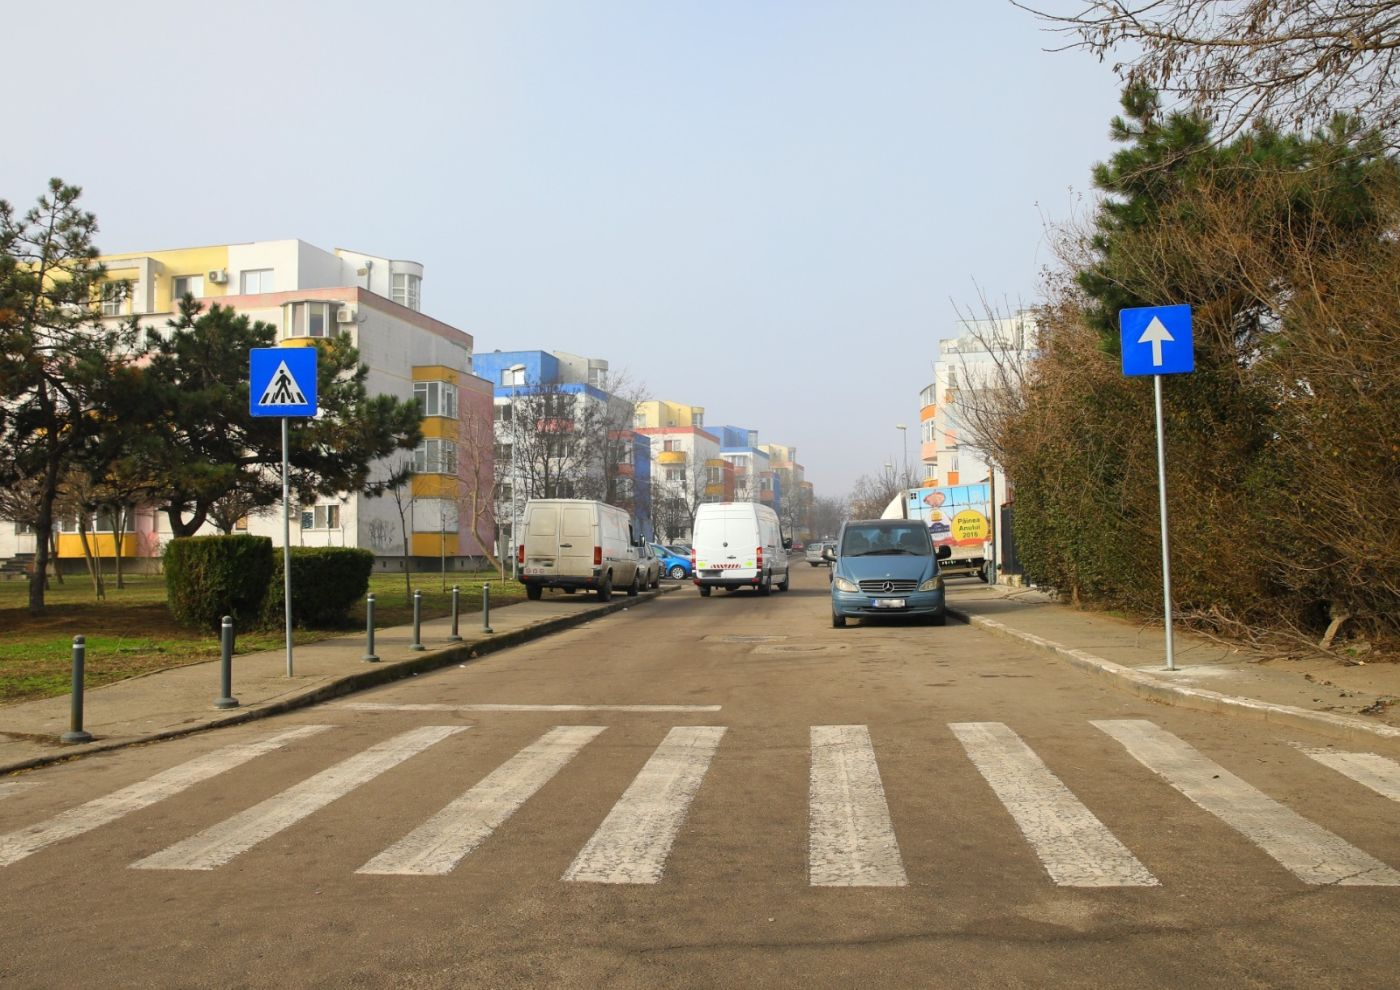 O nouă stradă cu sens unic în orașul Constanța